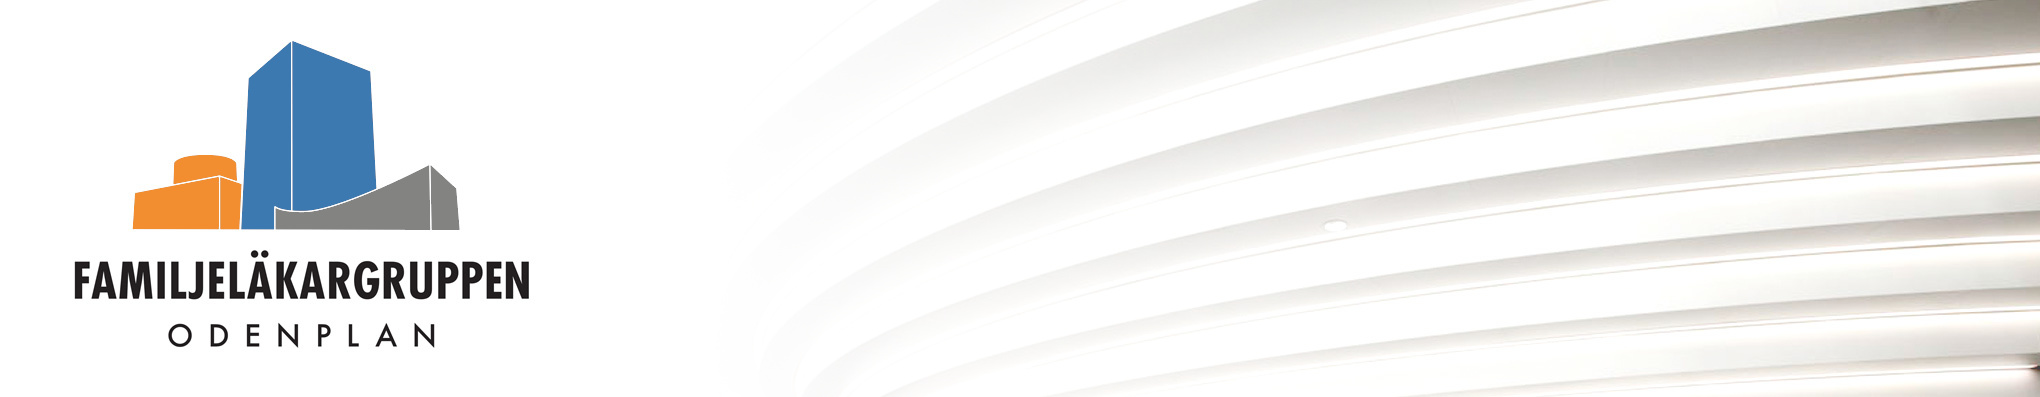 flgo_topp_logo